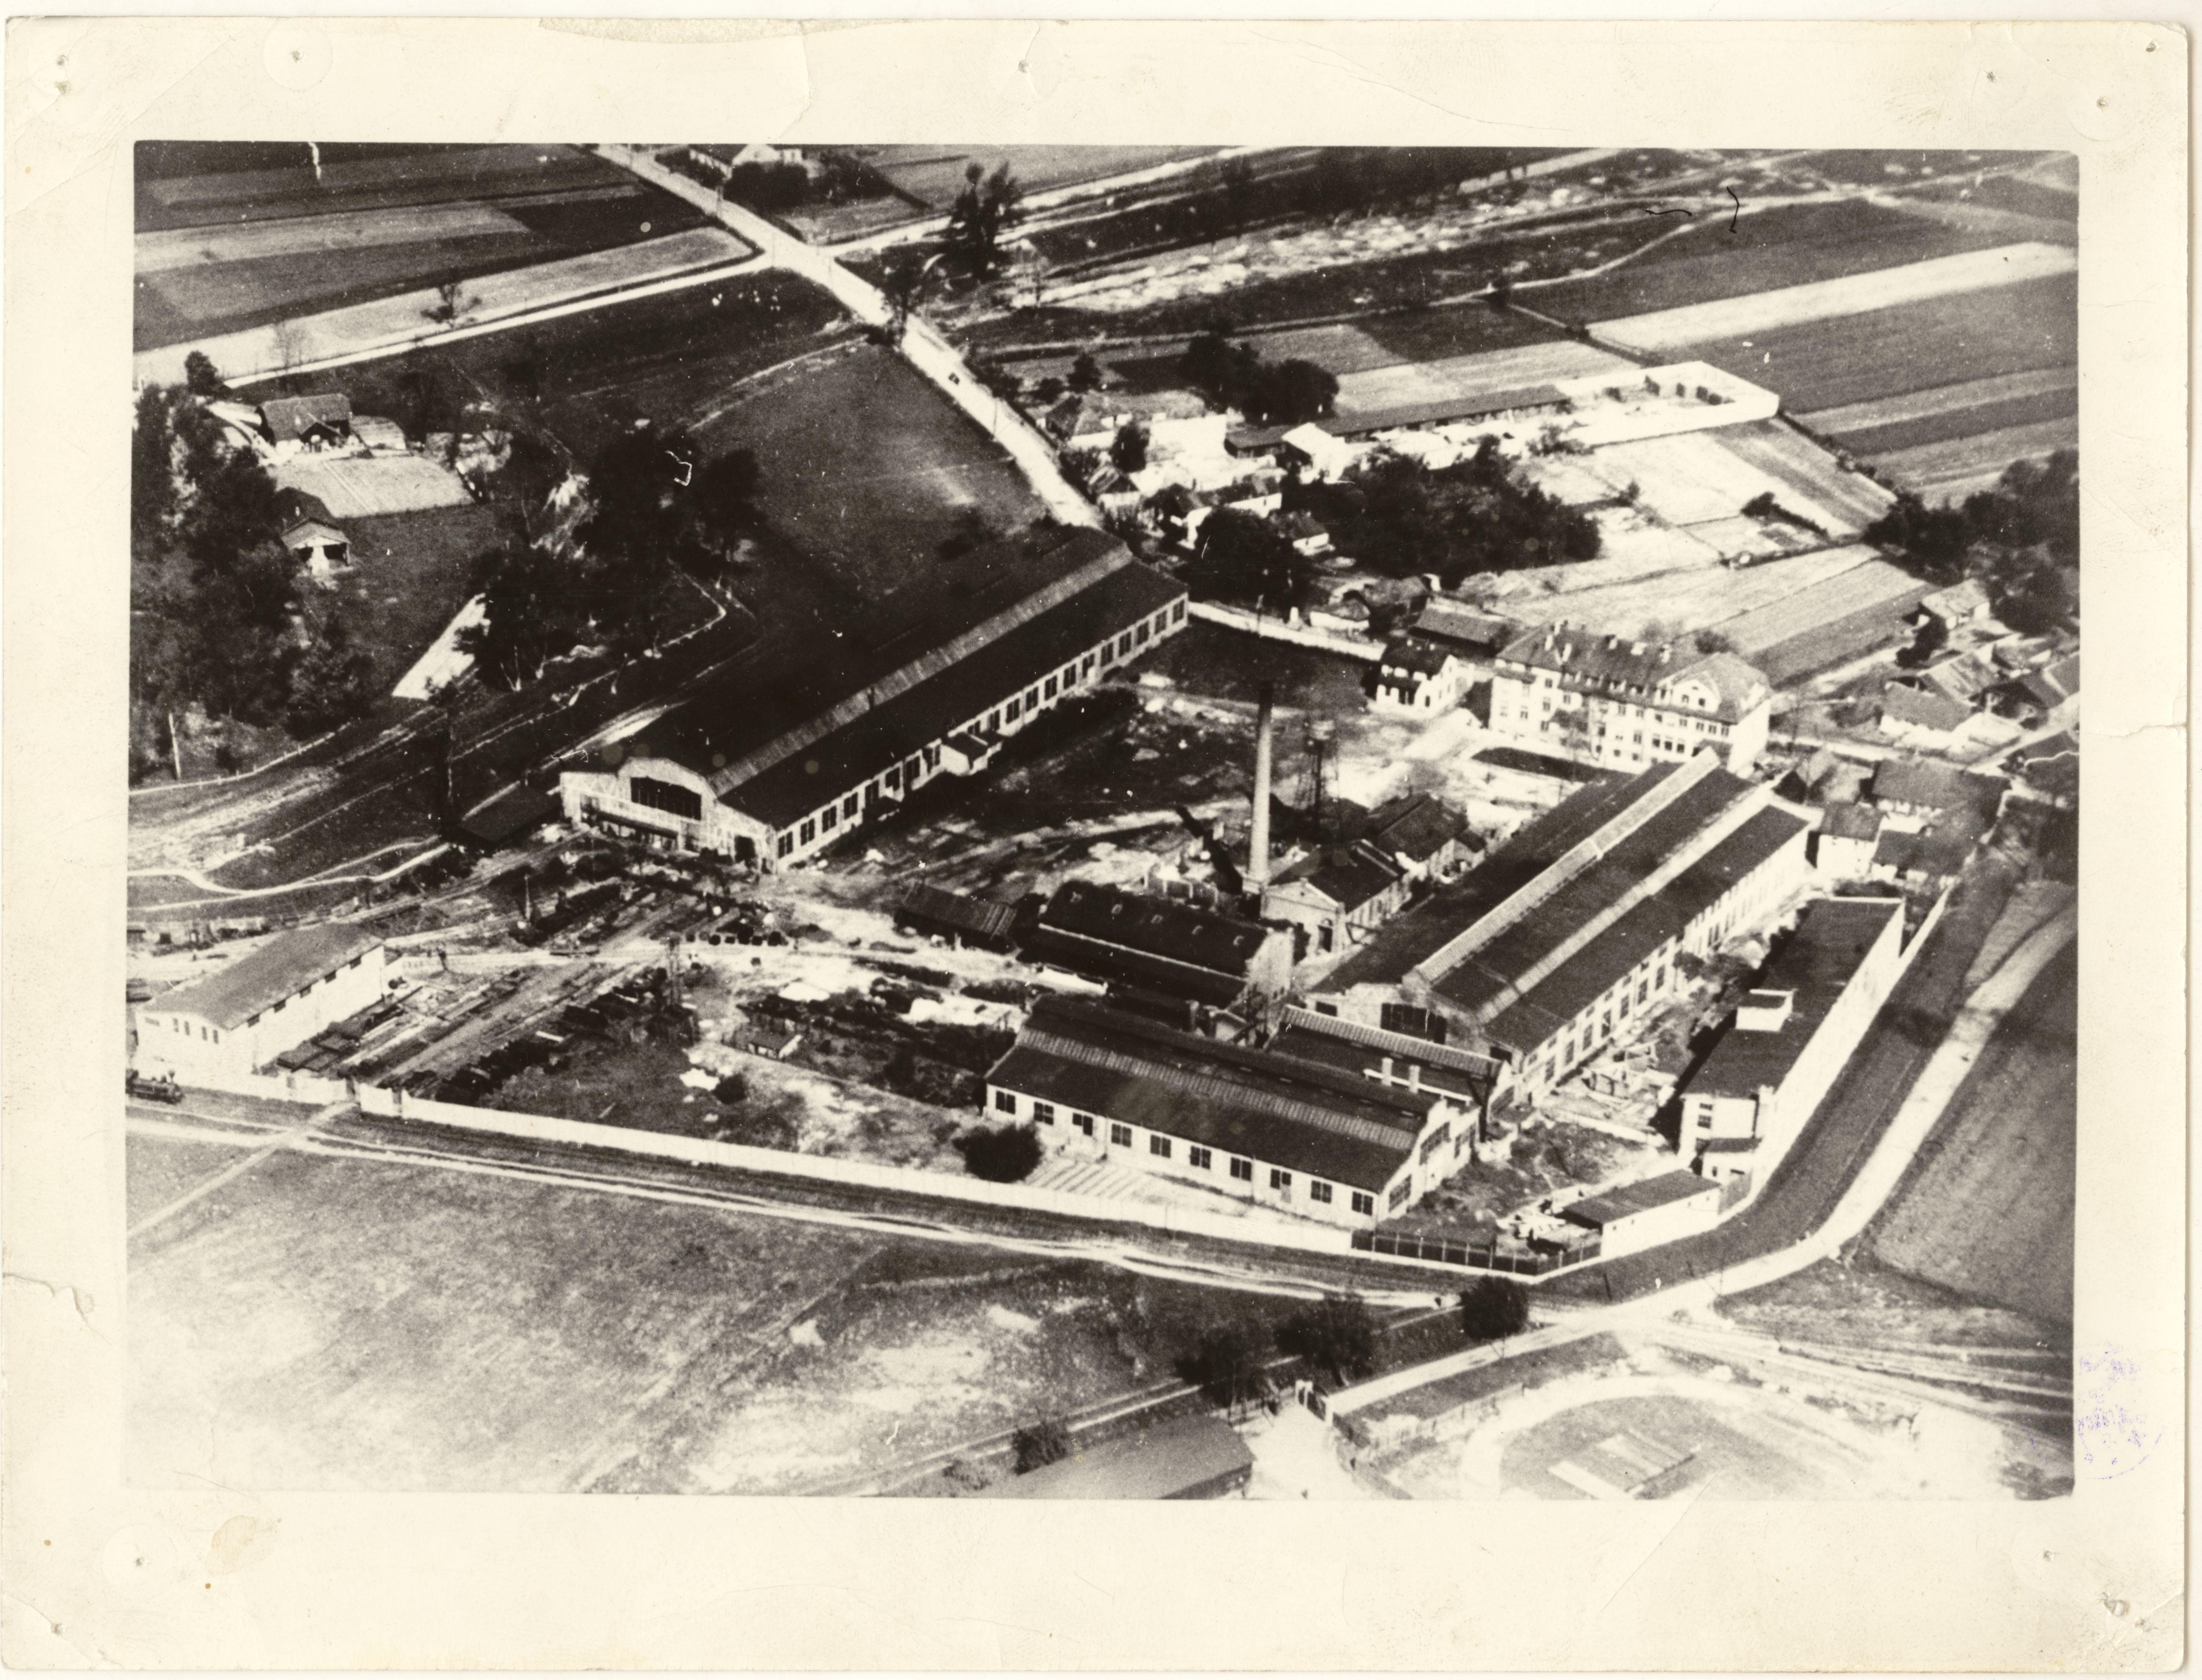 fabryka-maszyn-i-wagonow-l-zieleniewski-fotografia-lotnicza-autor-fot-nieznany-okolo-1920